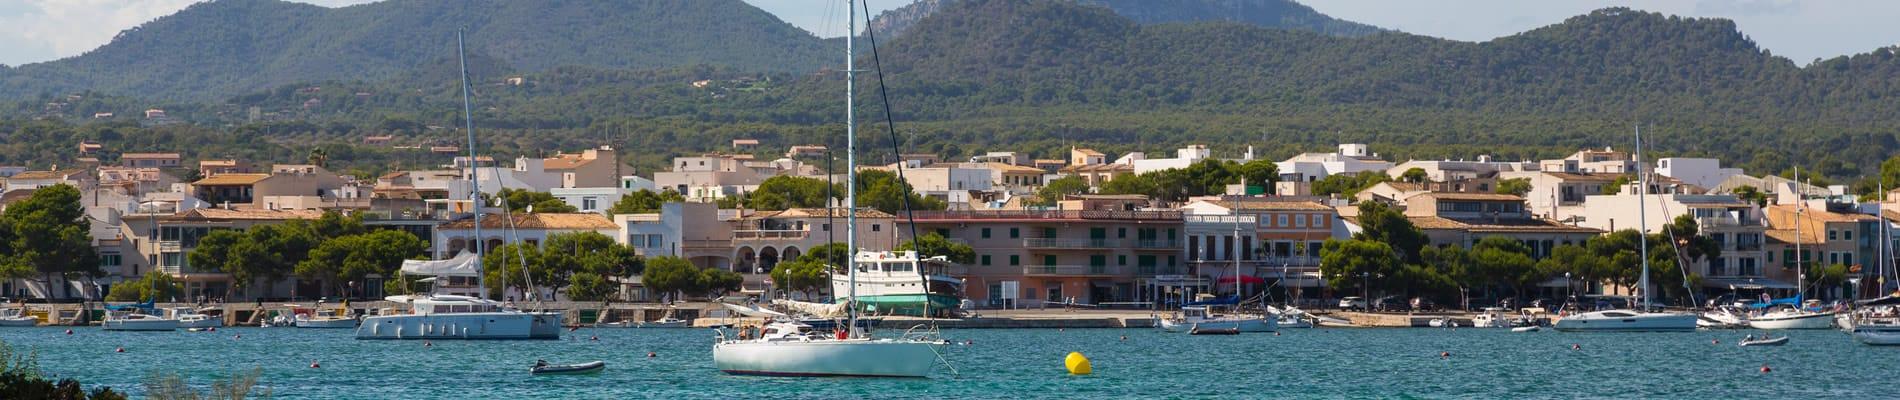 Perfect Mallorca - Puerto Colon